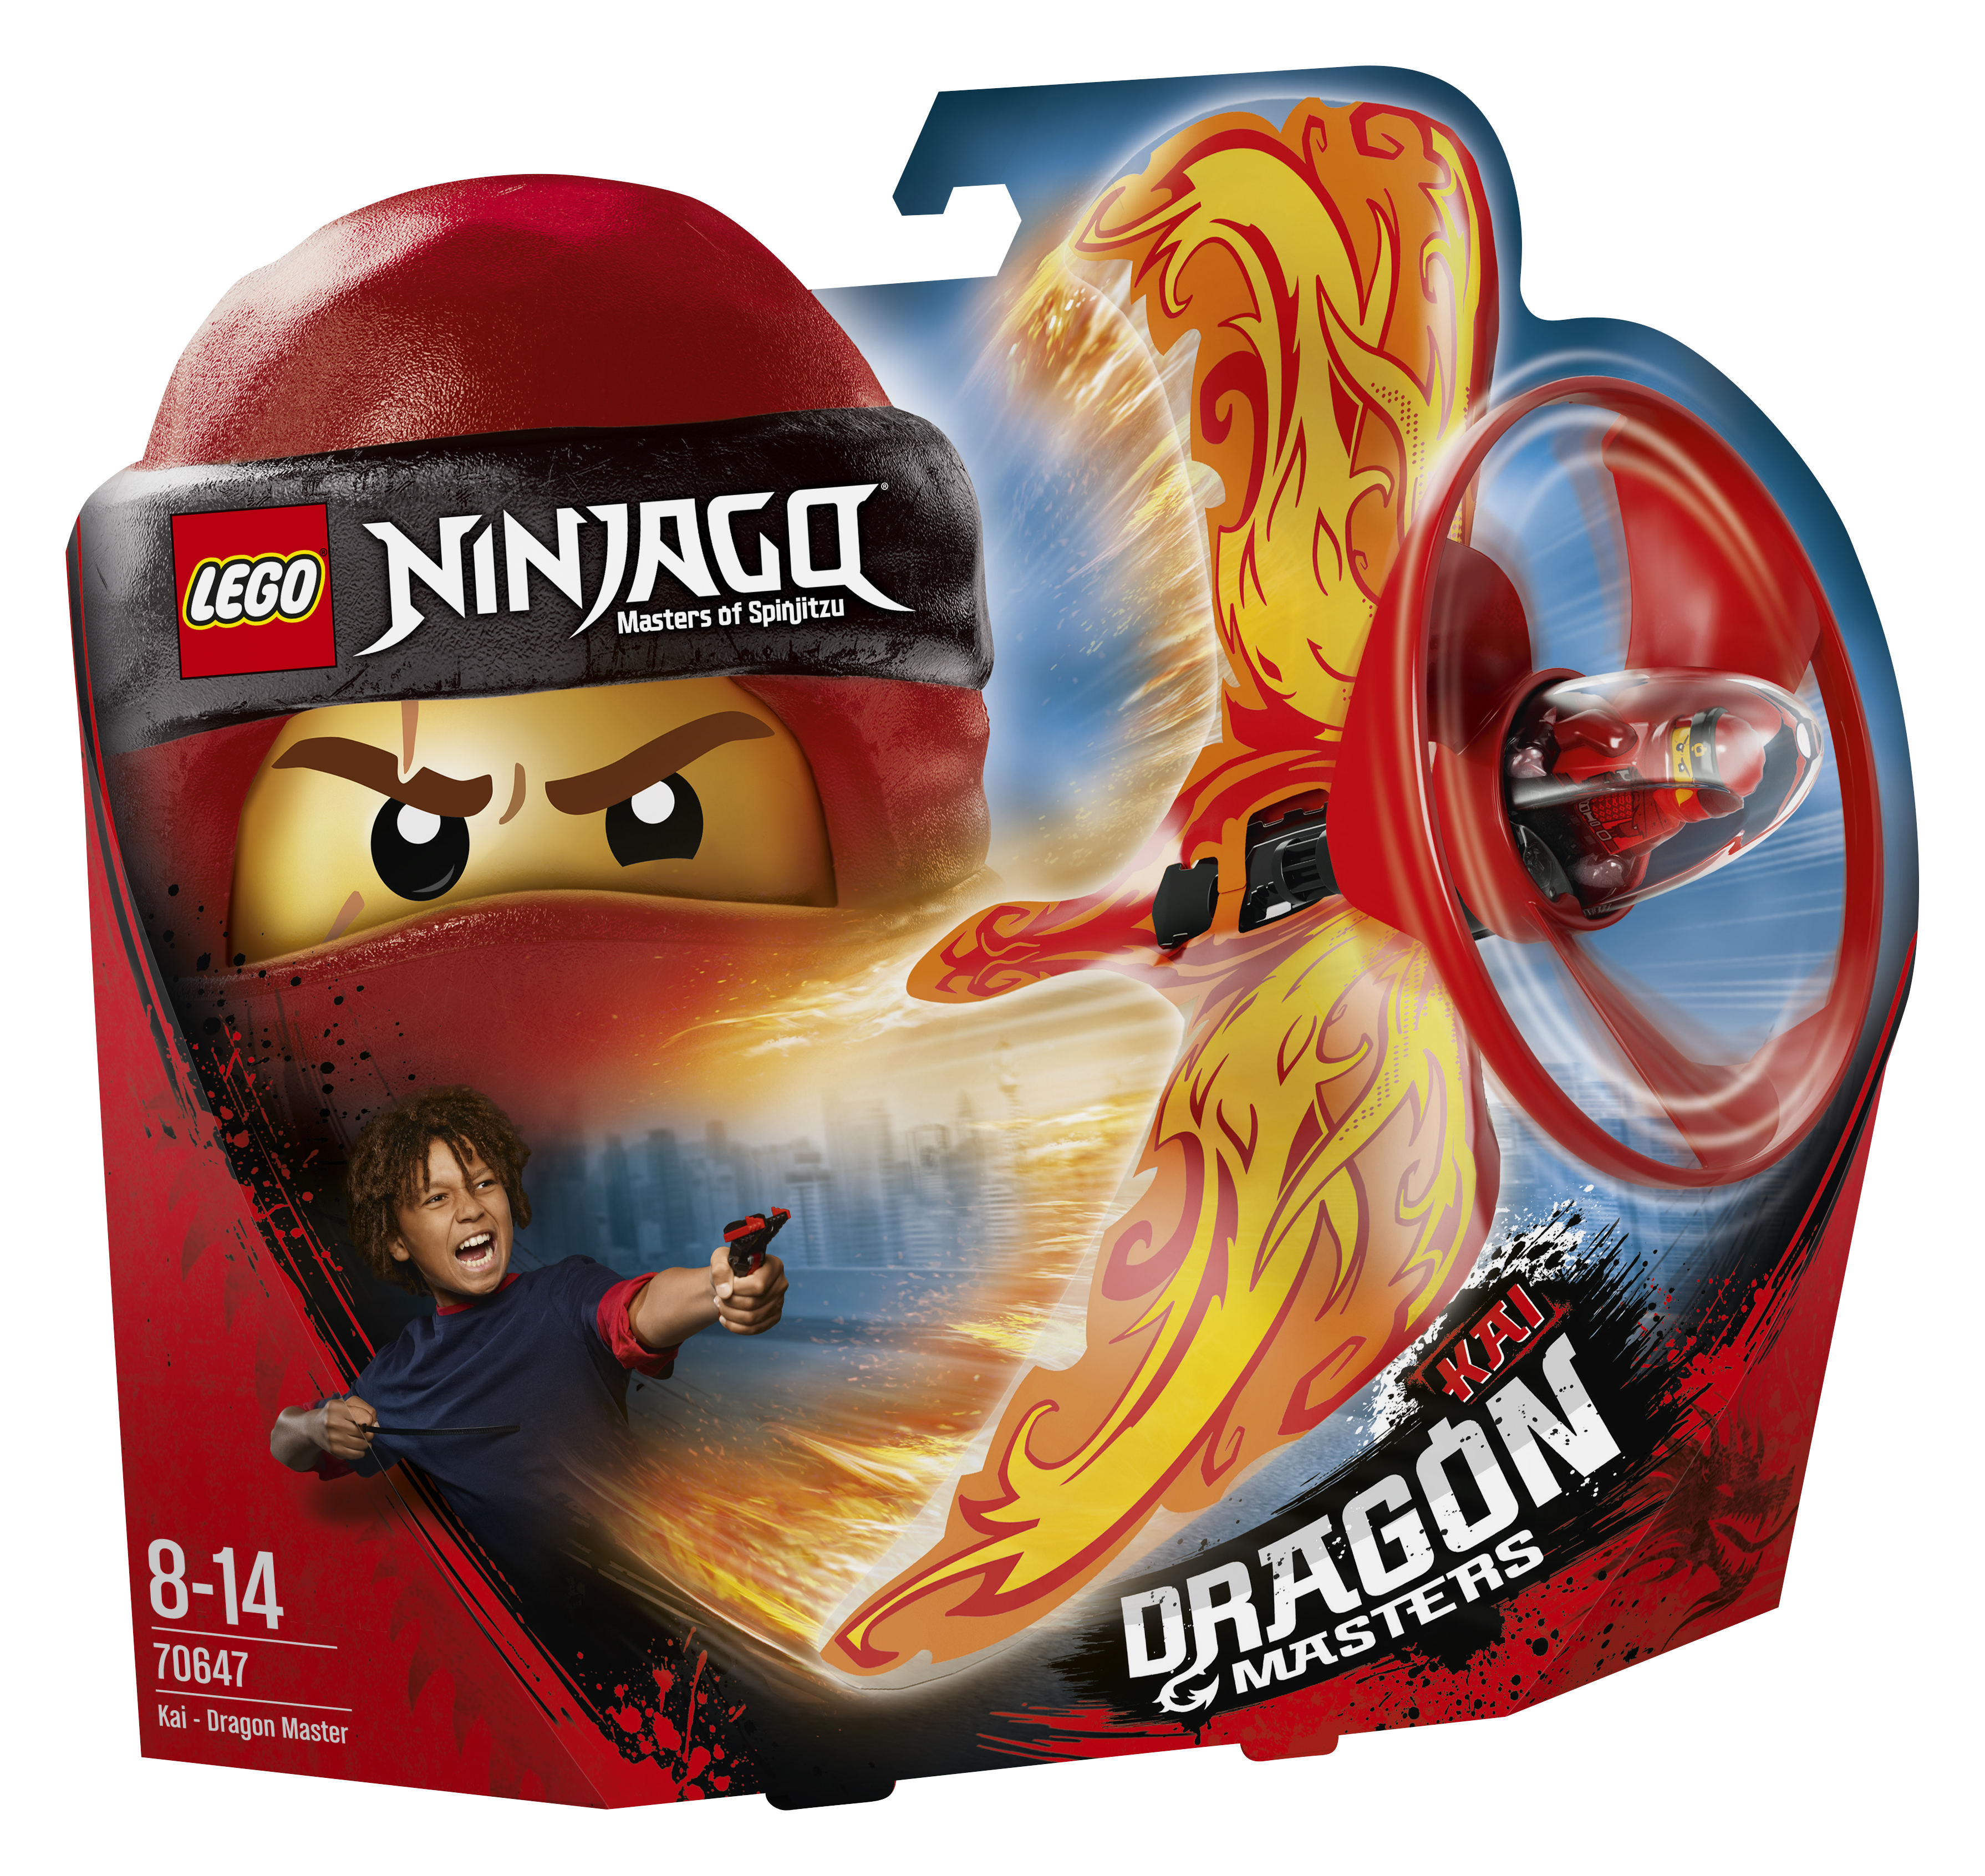 LEGO LEGO Конструктор LEGO Ninjago 70647 Кай-Мастер дракона